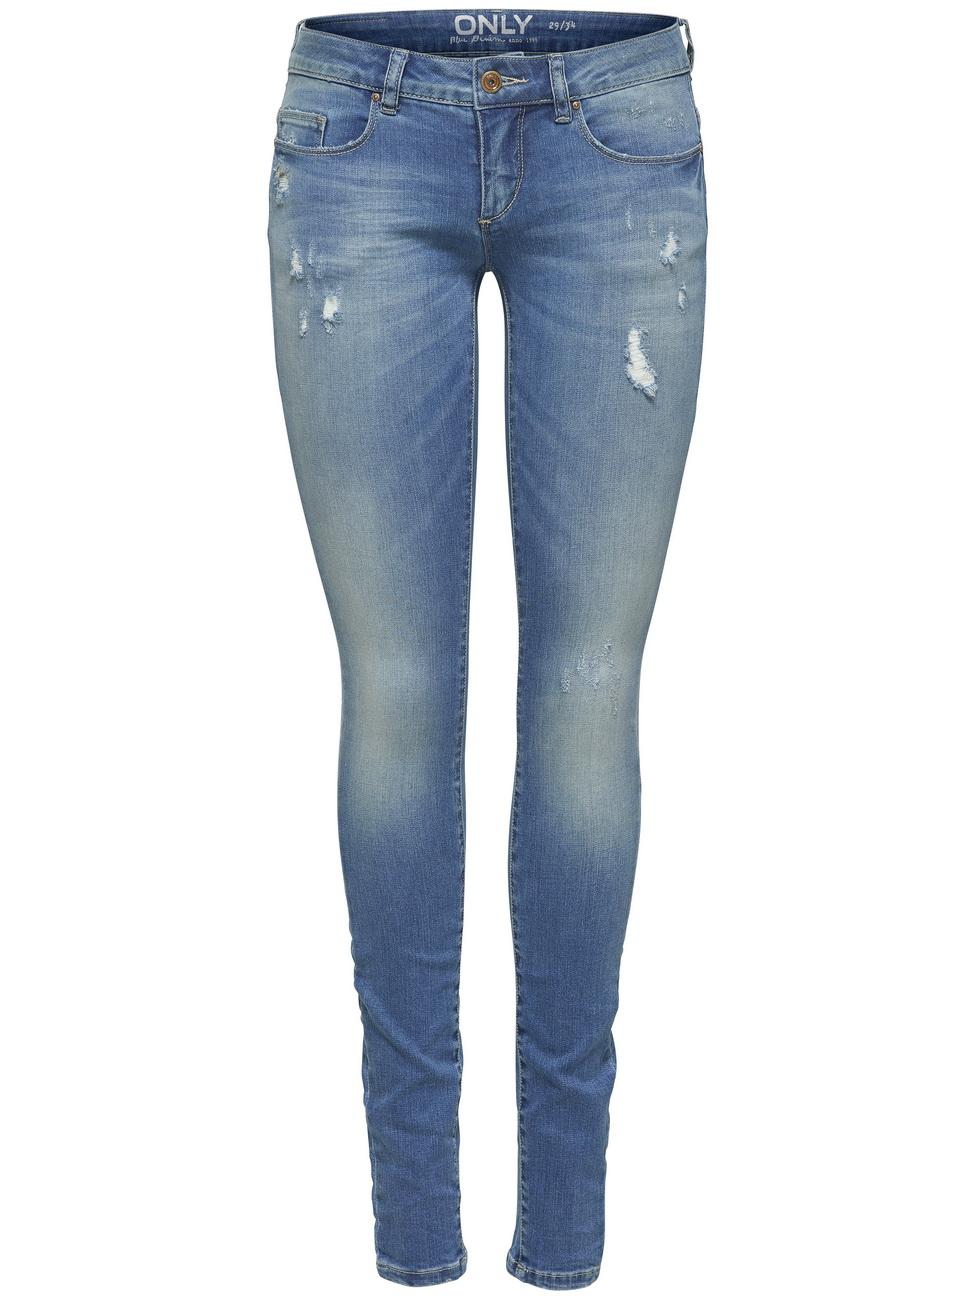 only damen jeans onlcoral sl sk dnm jeans bj8191 skinny. Black Bedroom Furniture Sets. Home Design Ideas